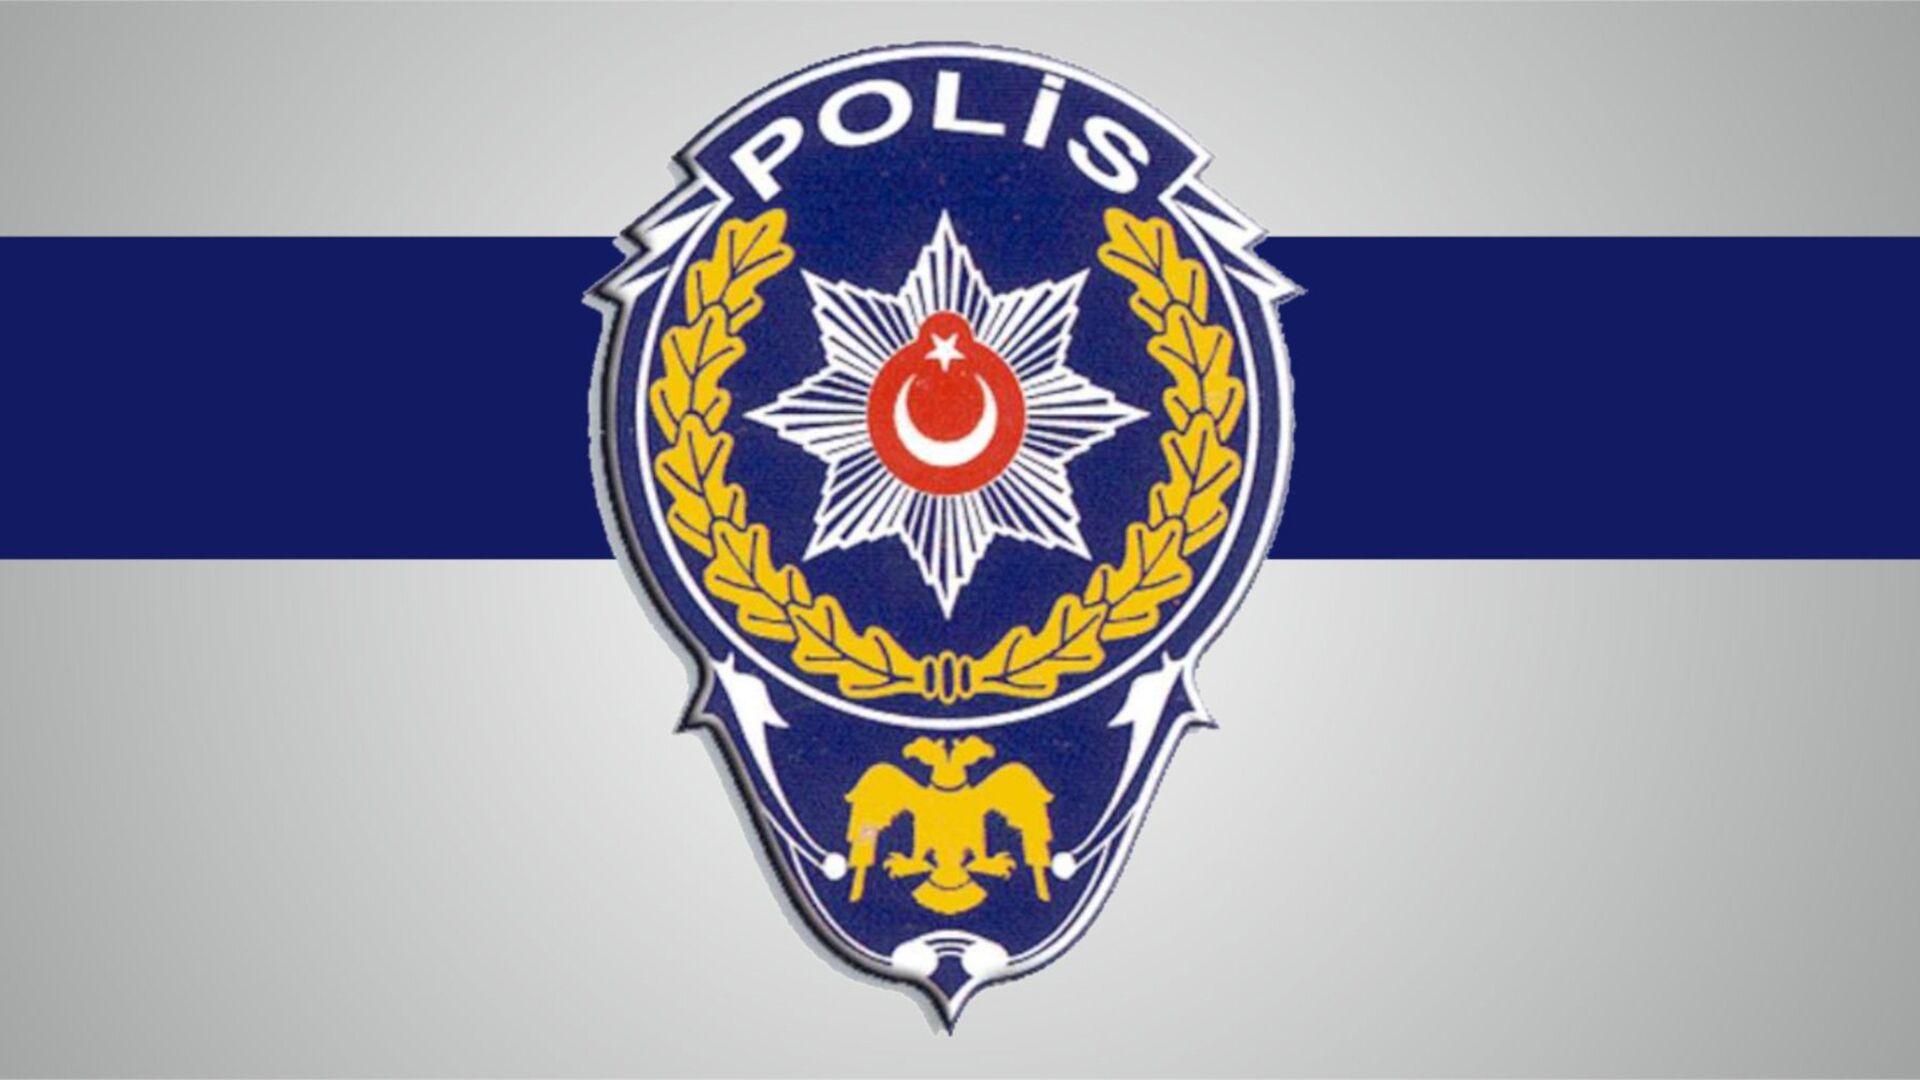 Emniyet Genel Müdürlüğü - Sputnik Türkiye, 1920, 07.04.2021